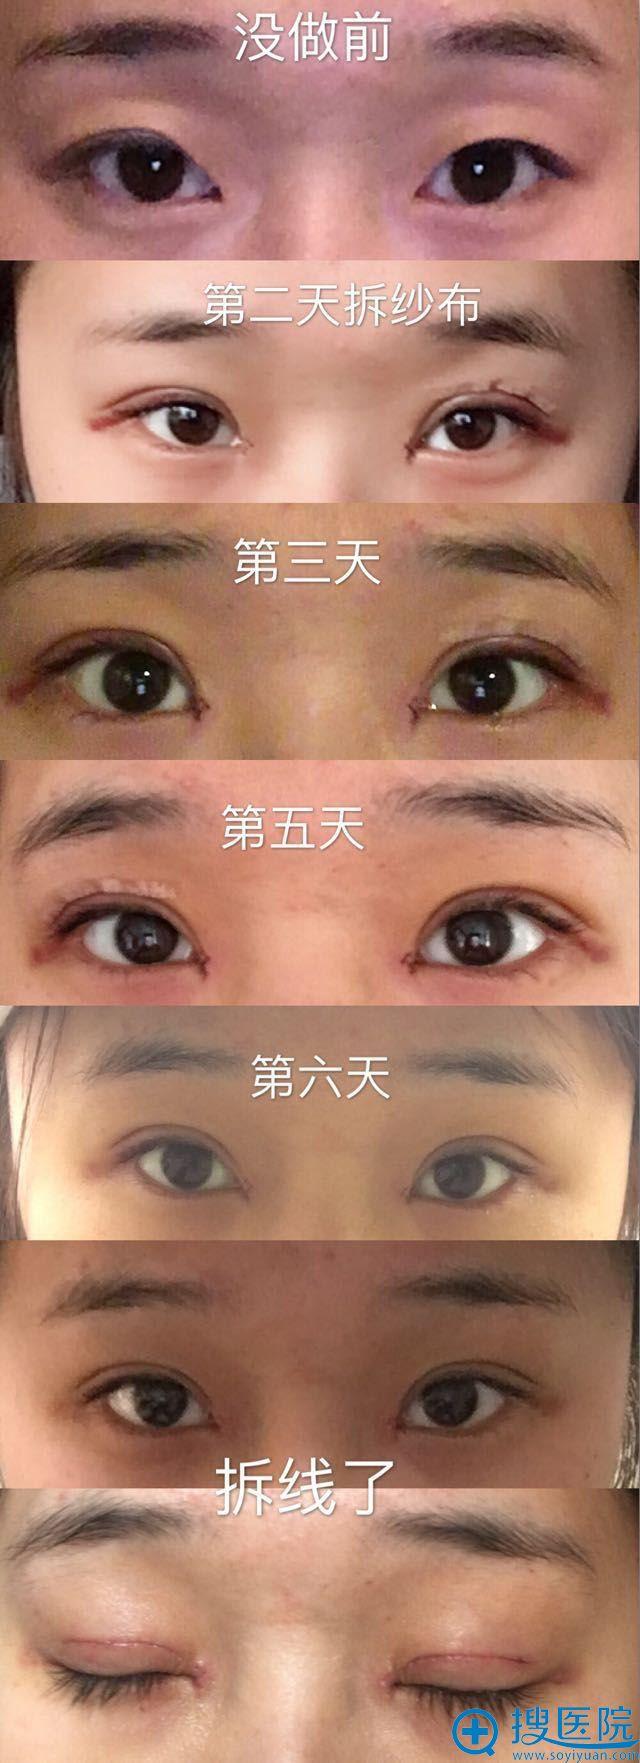 青岛诺德双眼皮+开眼角+提肌术前术后变化过程